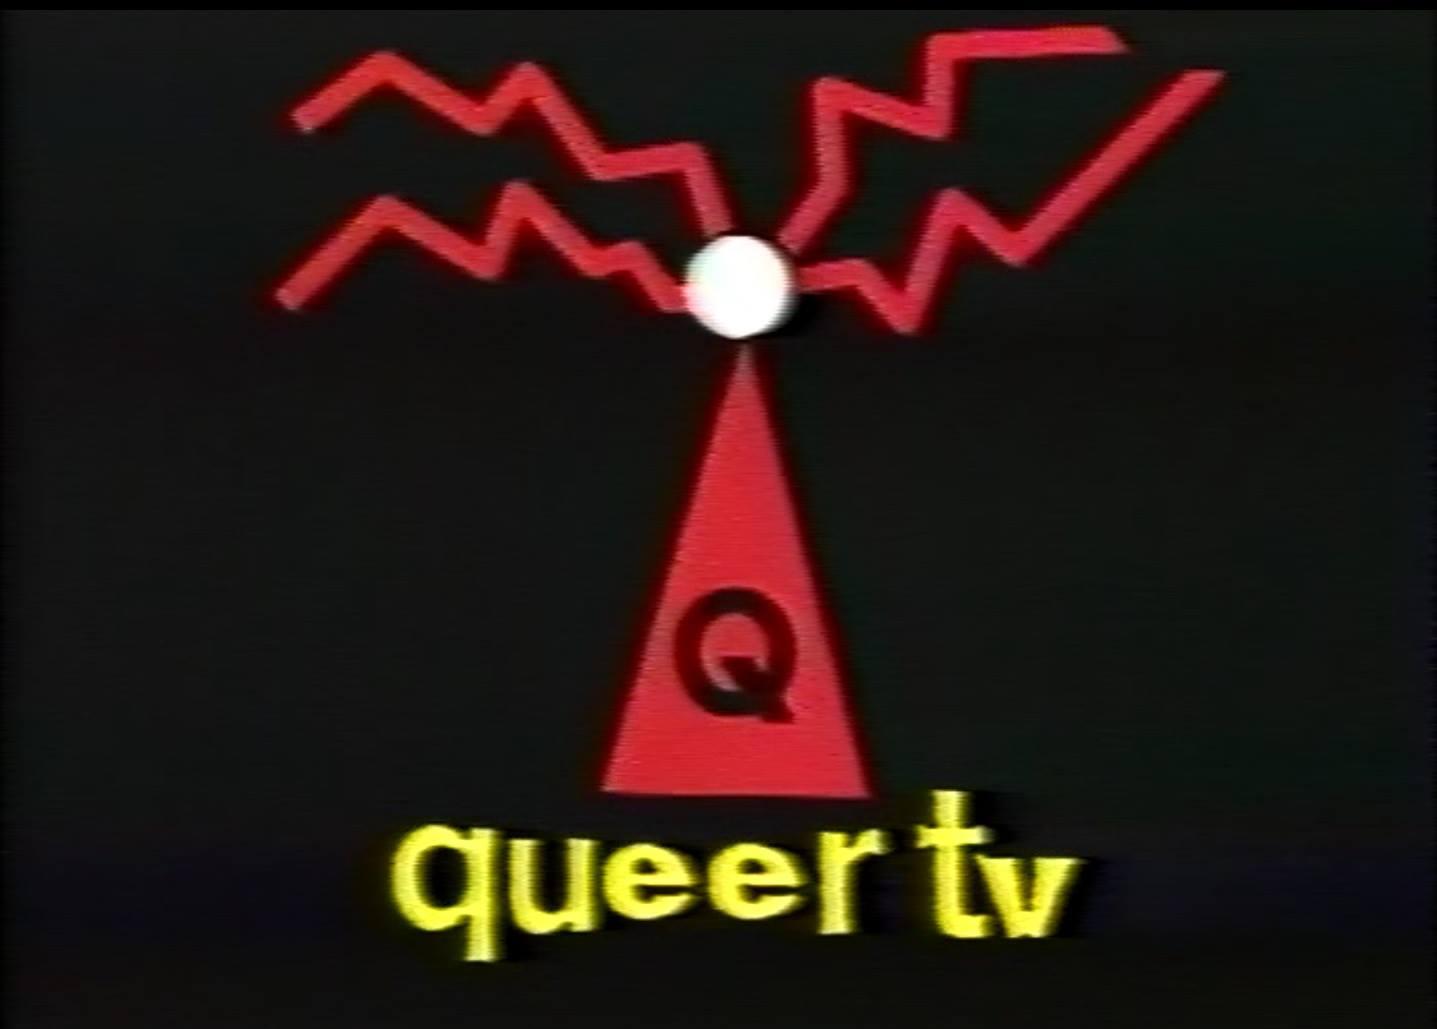 [Still from Installation at The Bookshop Darlinghurst] (Sydney Queer TV, 1994)